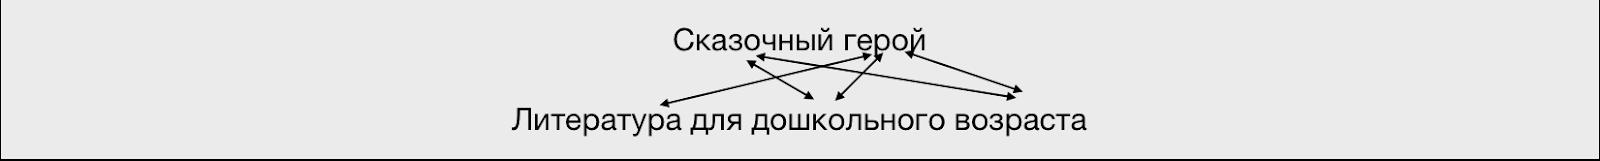 Применение сиамских нейросетей в поиске - 3